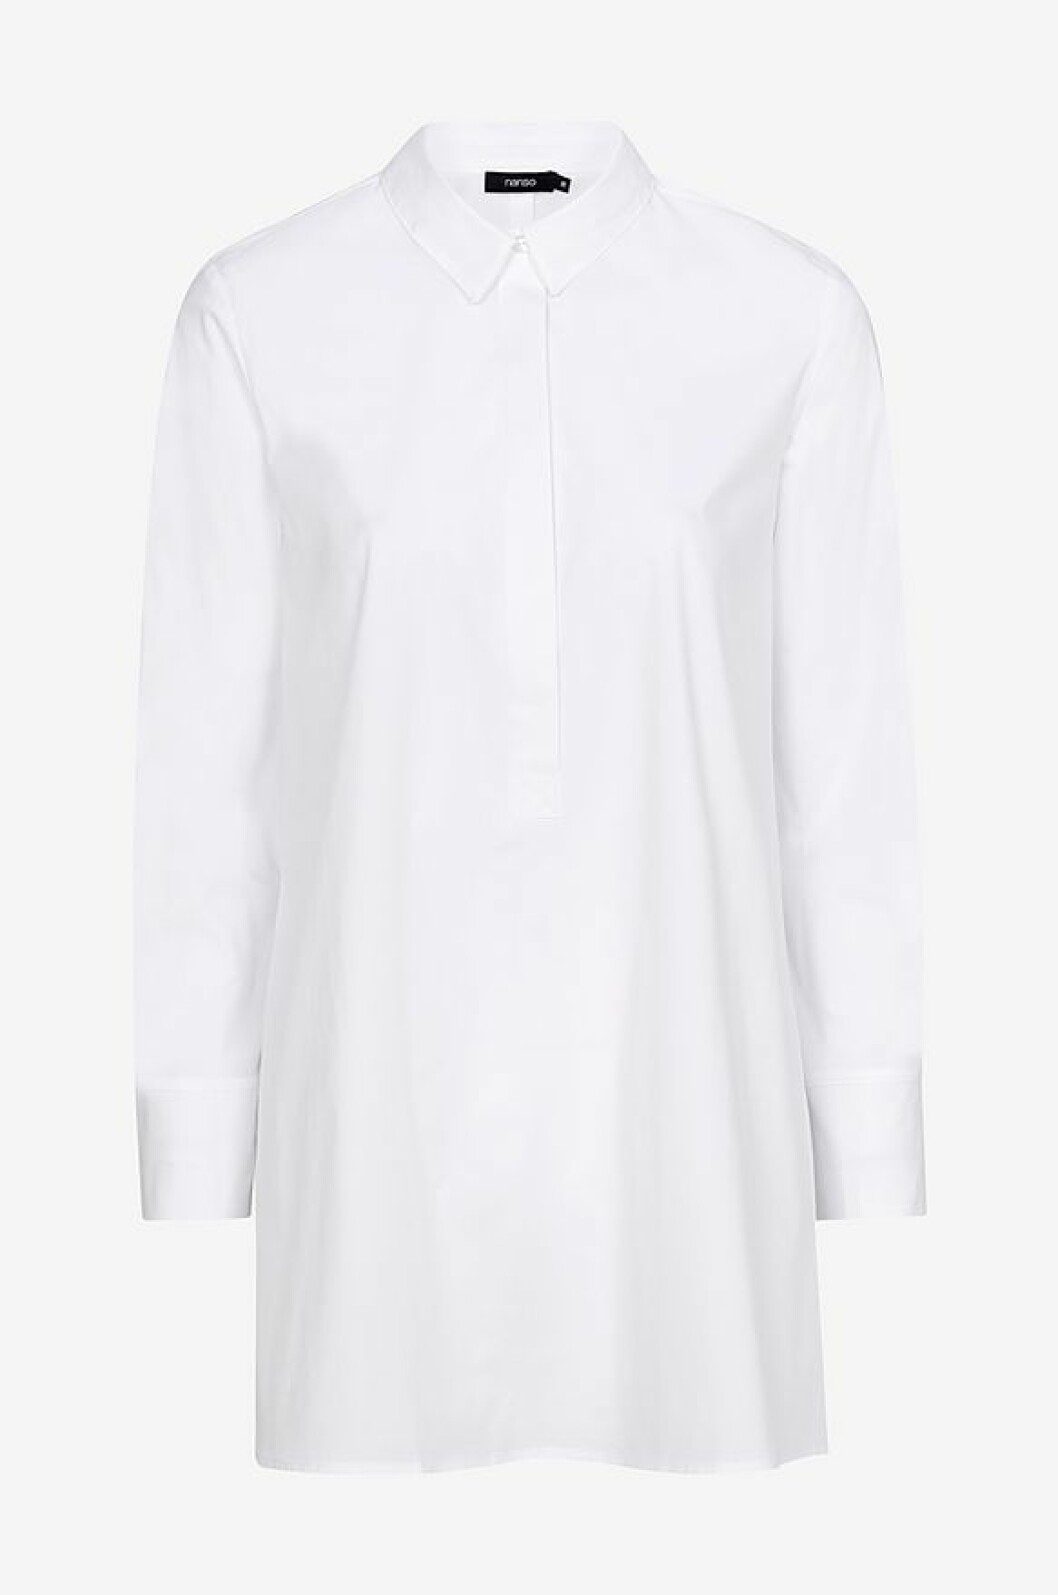 Vit skjorta i längre modell